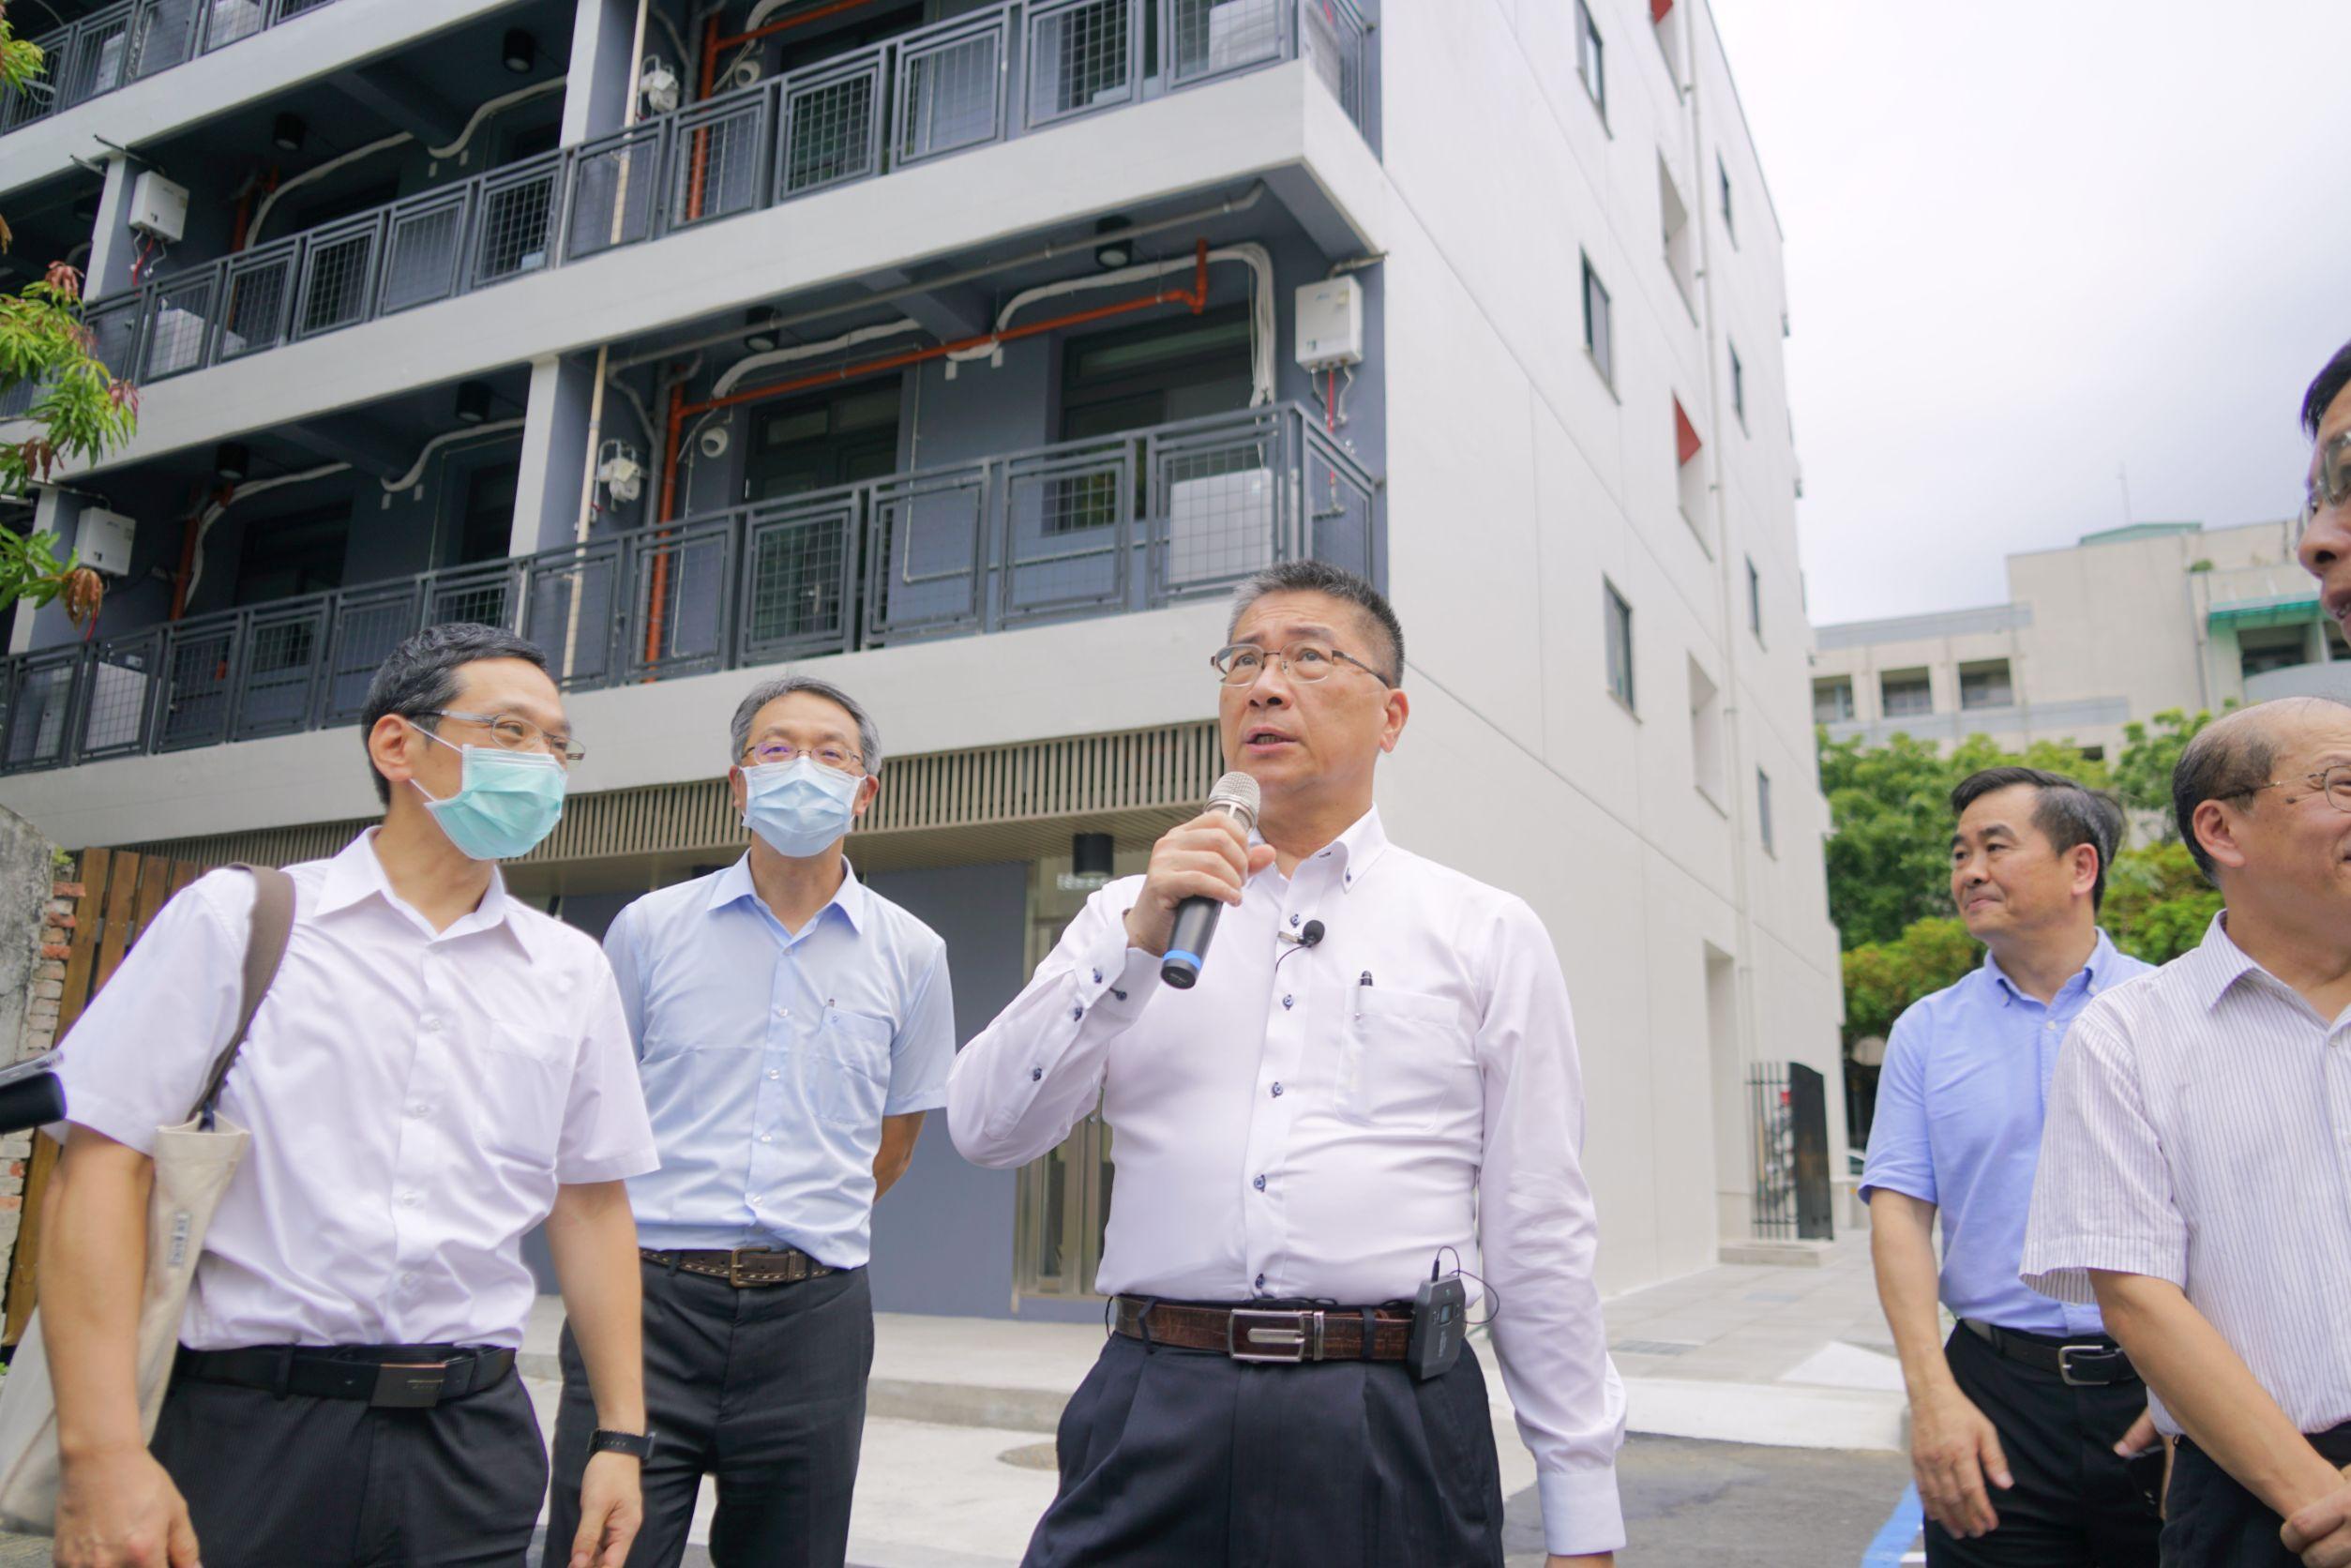 徐國勇表示,大同社宅生活機能佳,設計及管理完善,申租踴躍。